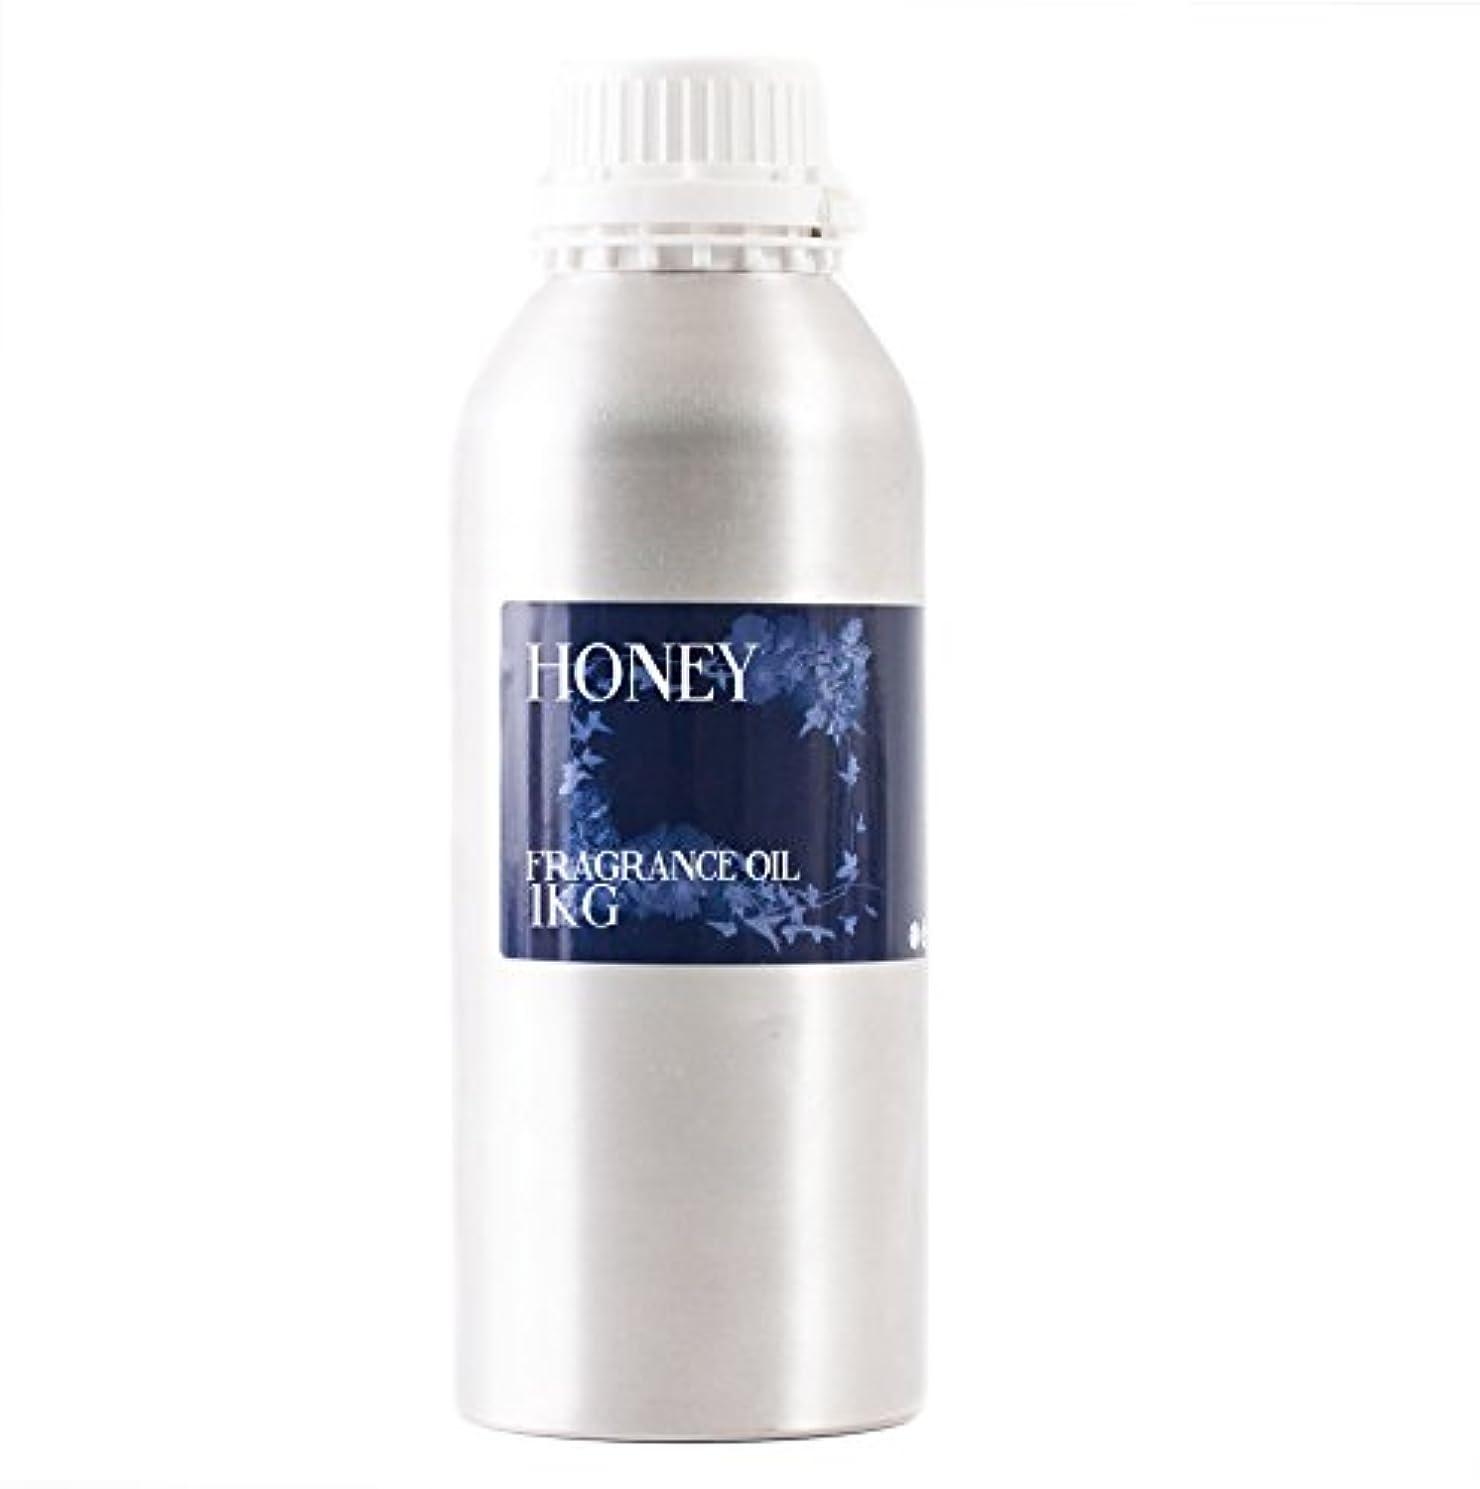 スプレー密ピルファーMystic Moments | Honey Fragrance Oil - 1Kg